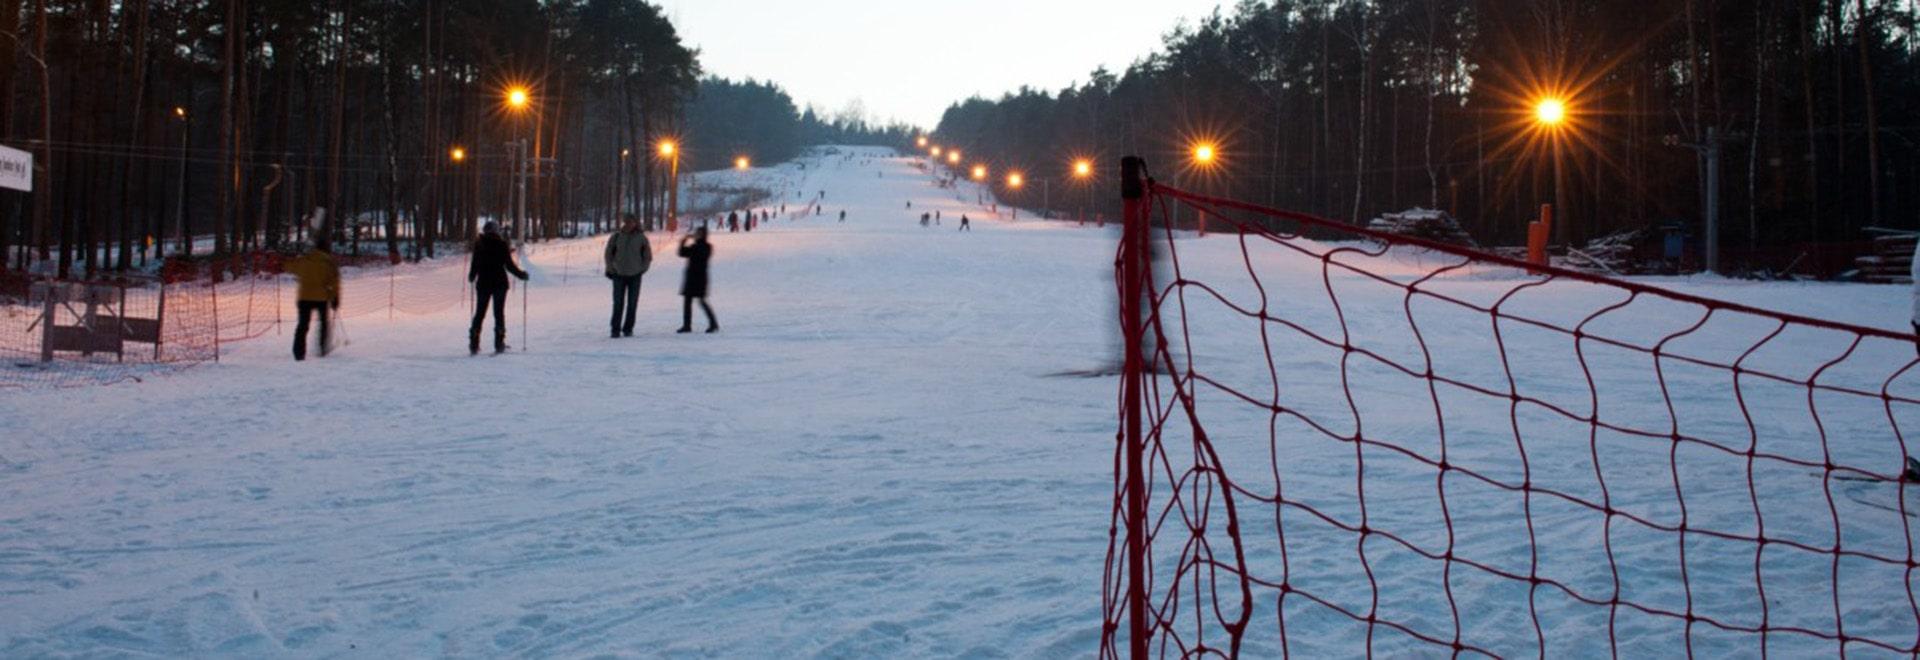 Stok Narciarski Kielce Stadion